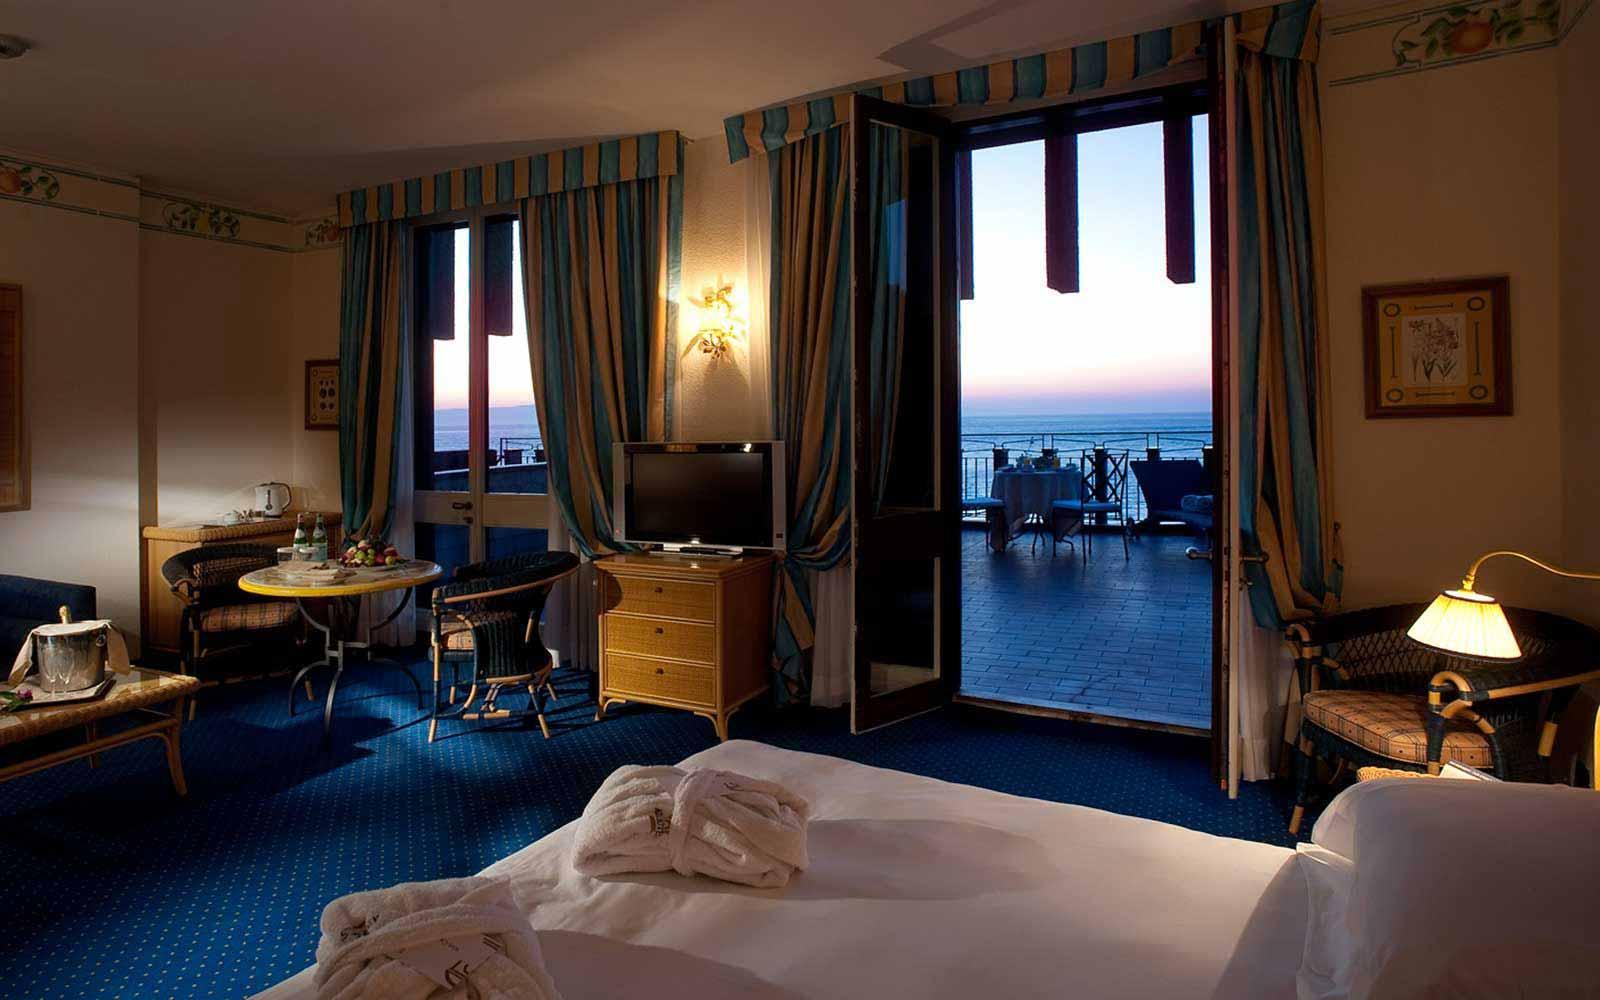 Suite at the Atahotel Capotaormina